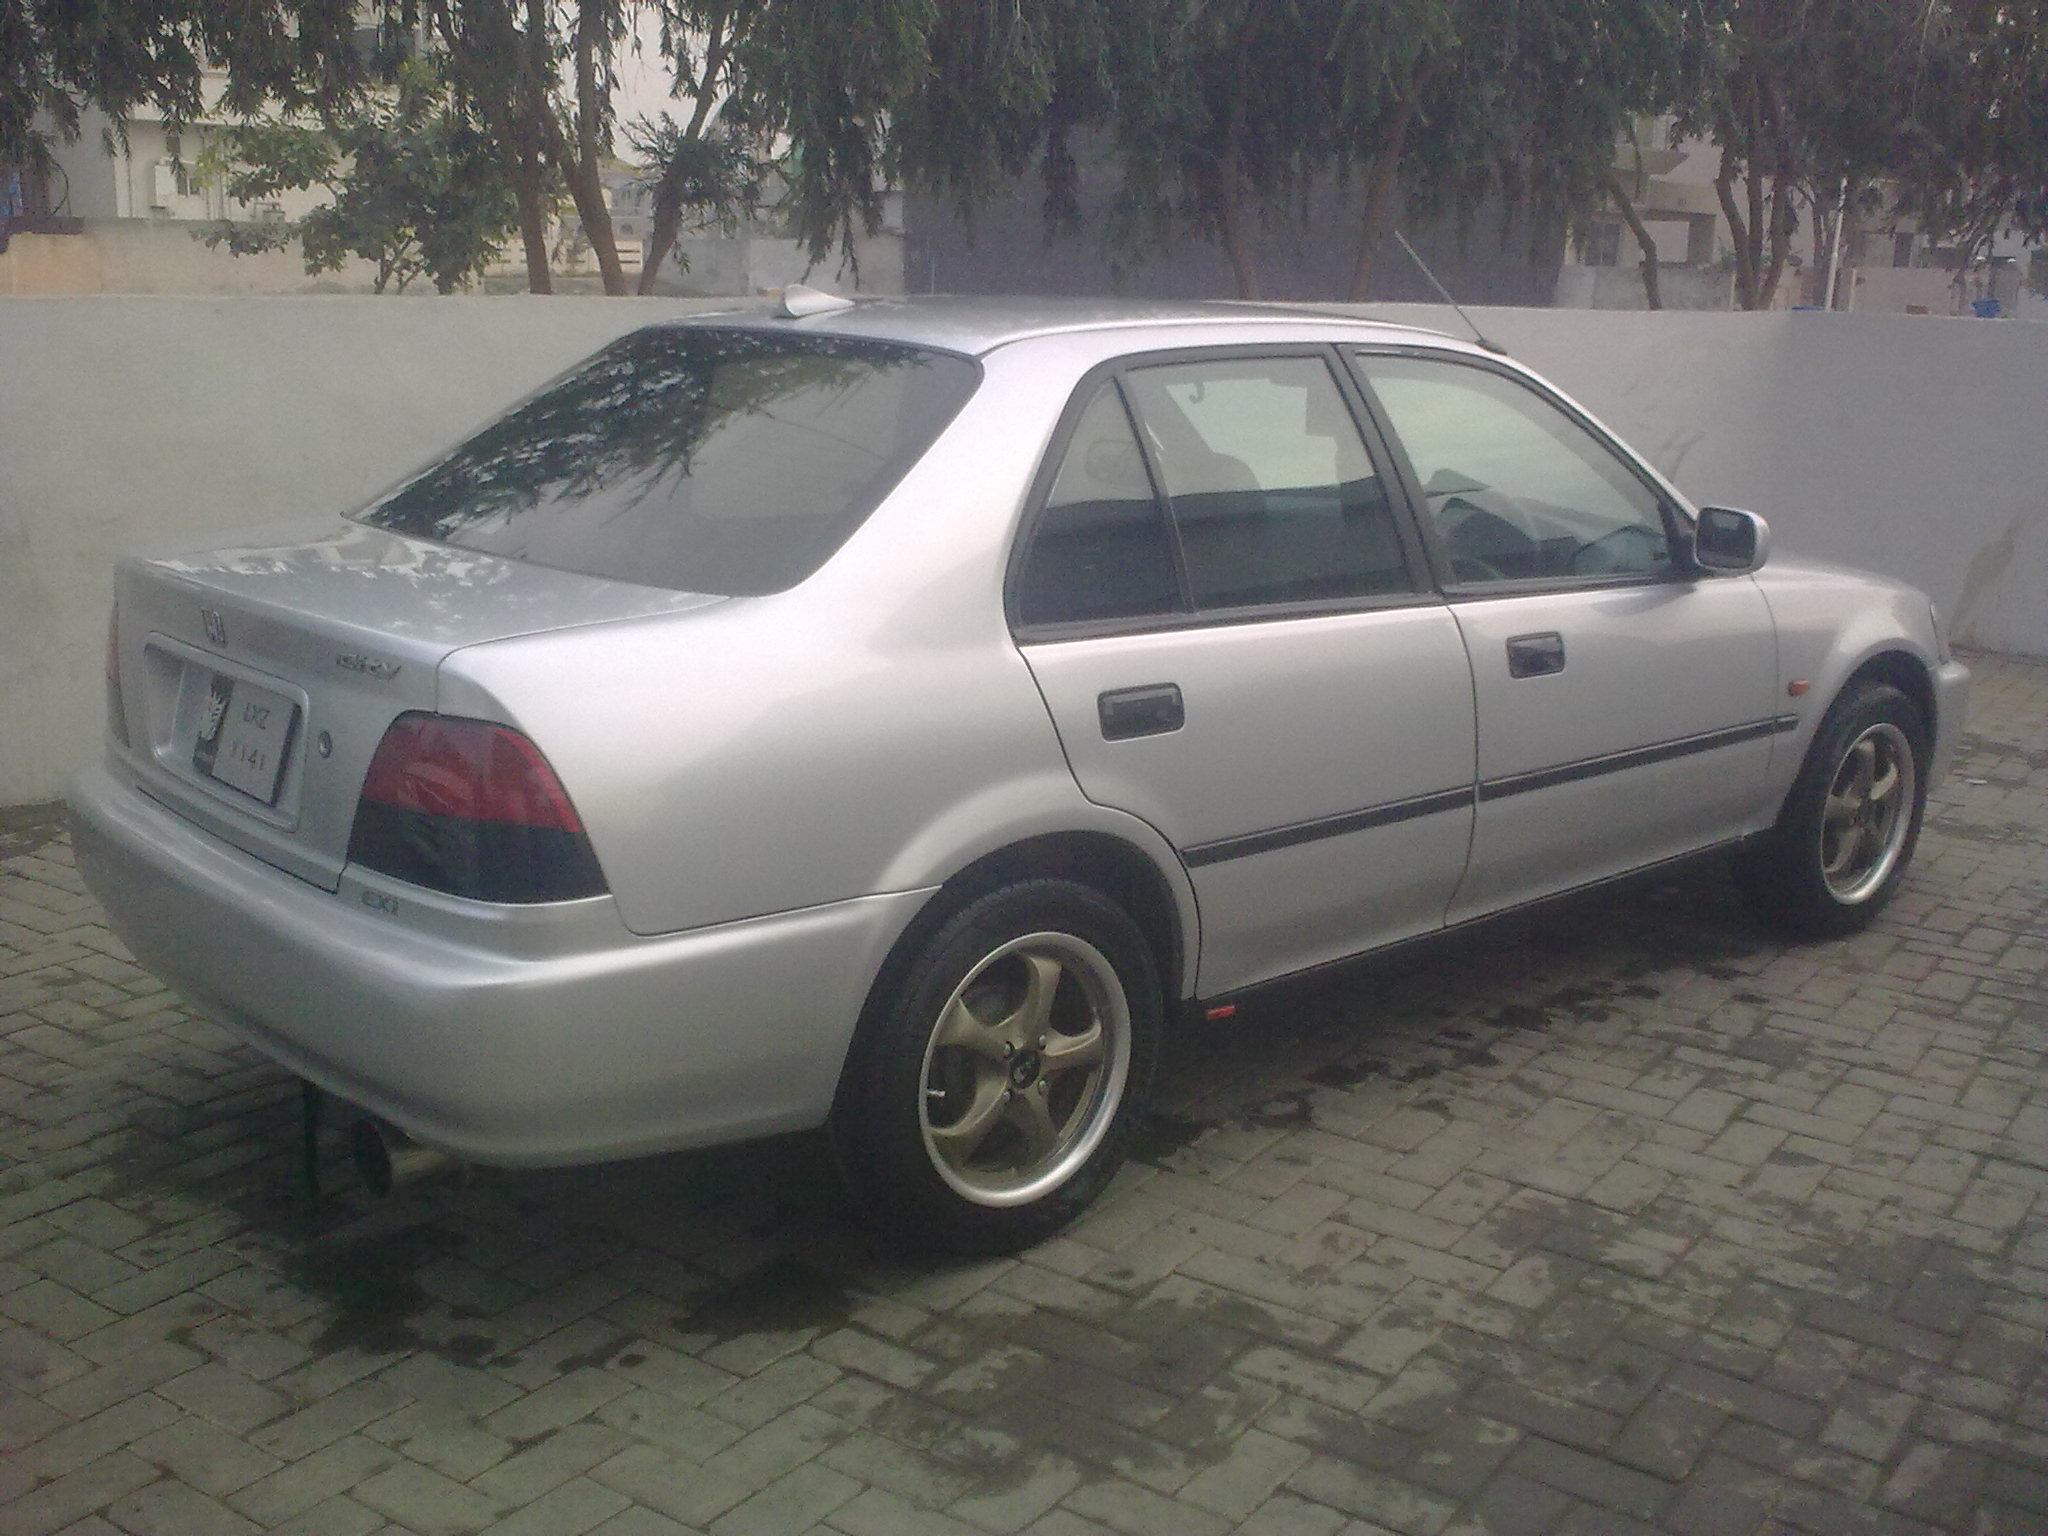 Honda City 2001 of danishali01 - Member Ride 14853 | PakWheels